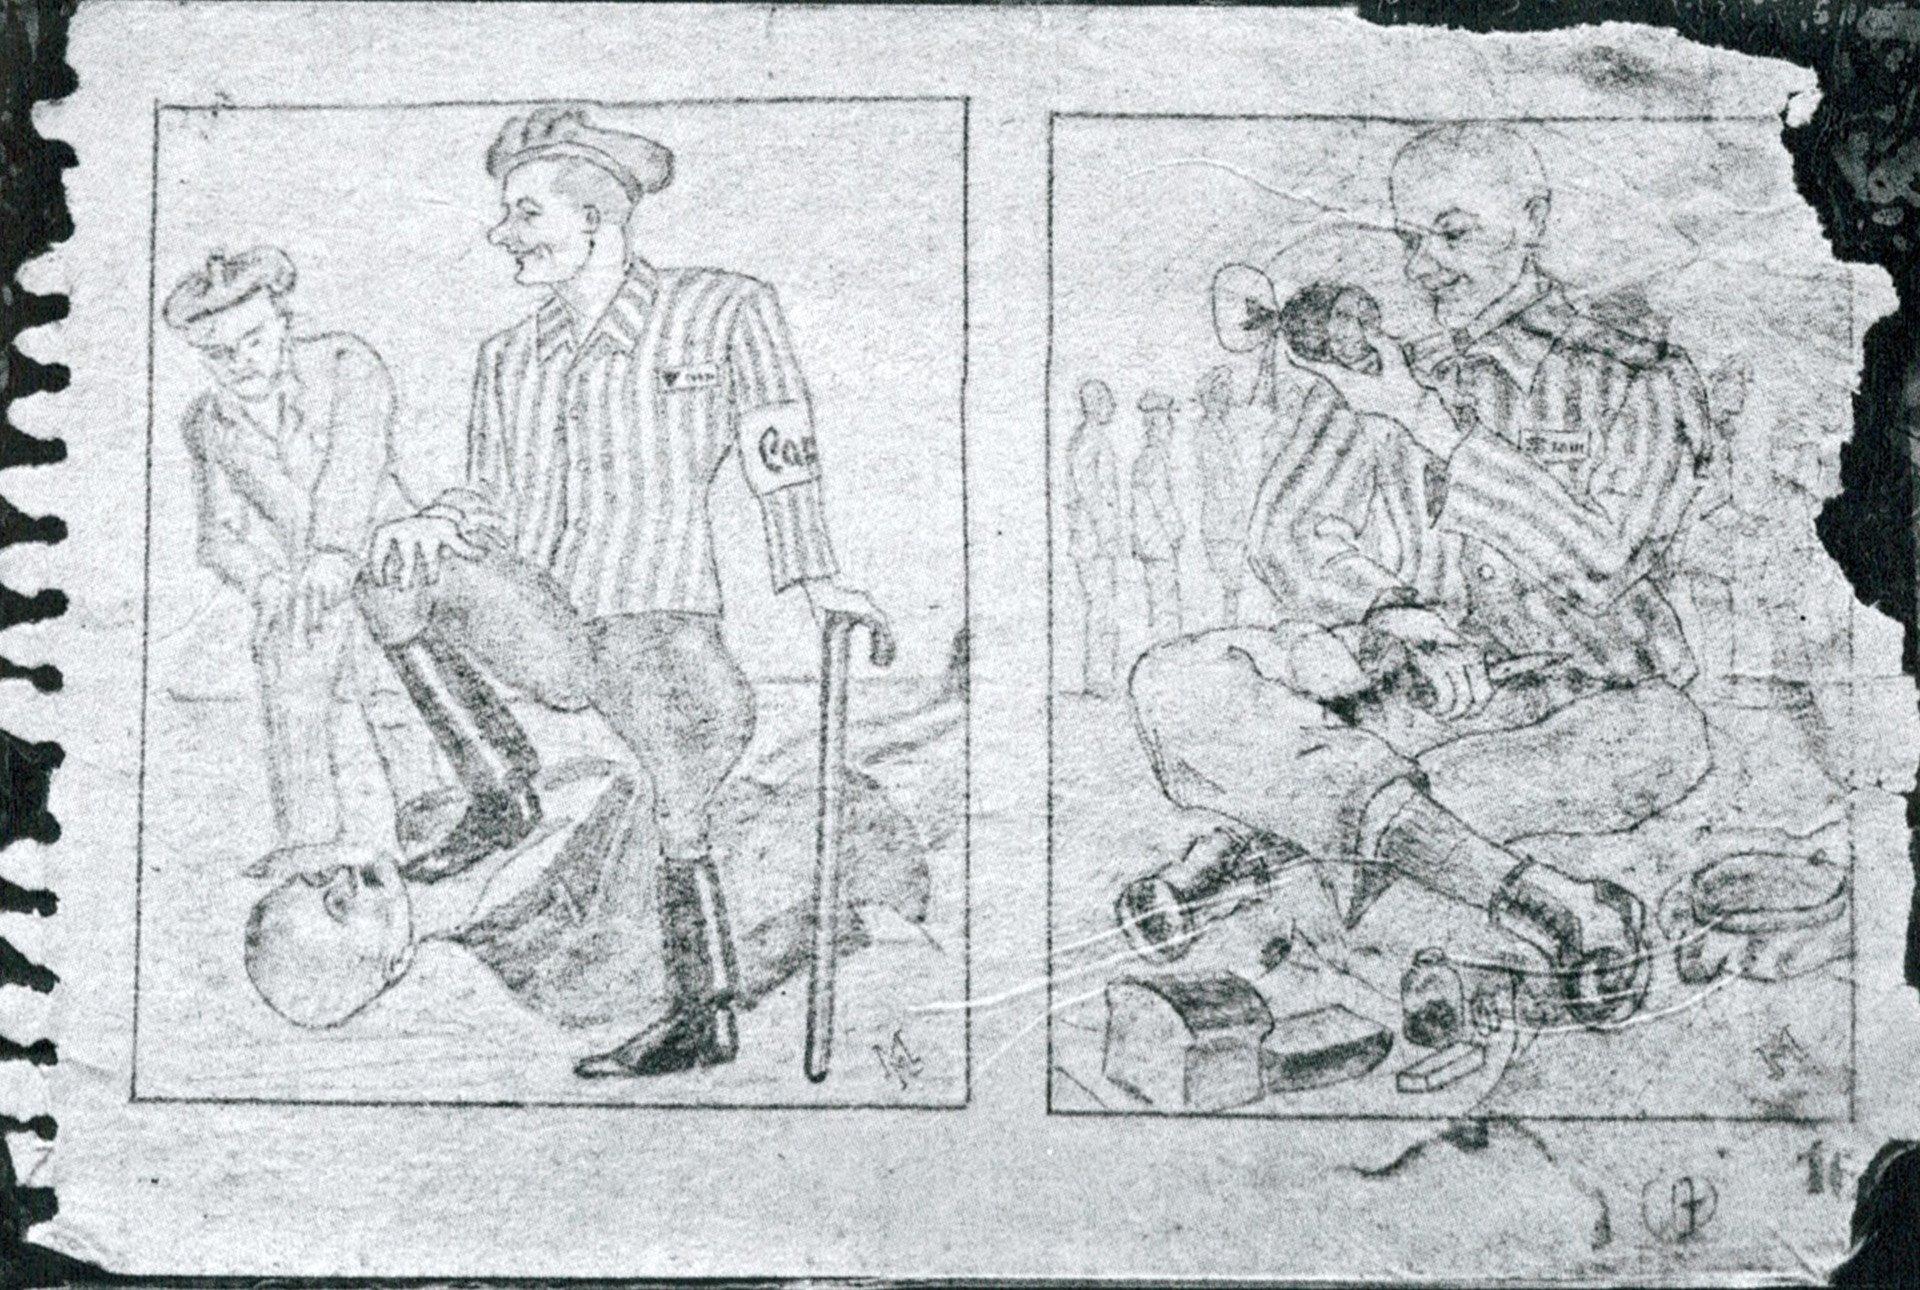 Dibujo de un preso de Auschwitz en el que se representan el poder y los privilegios de los llamados kapos